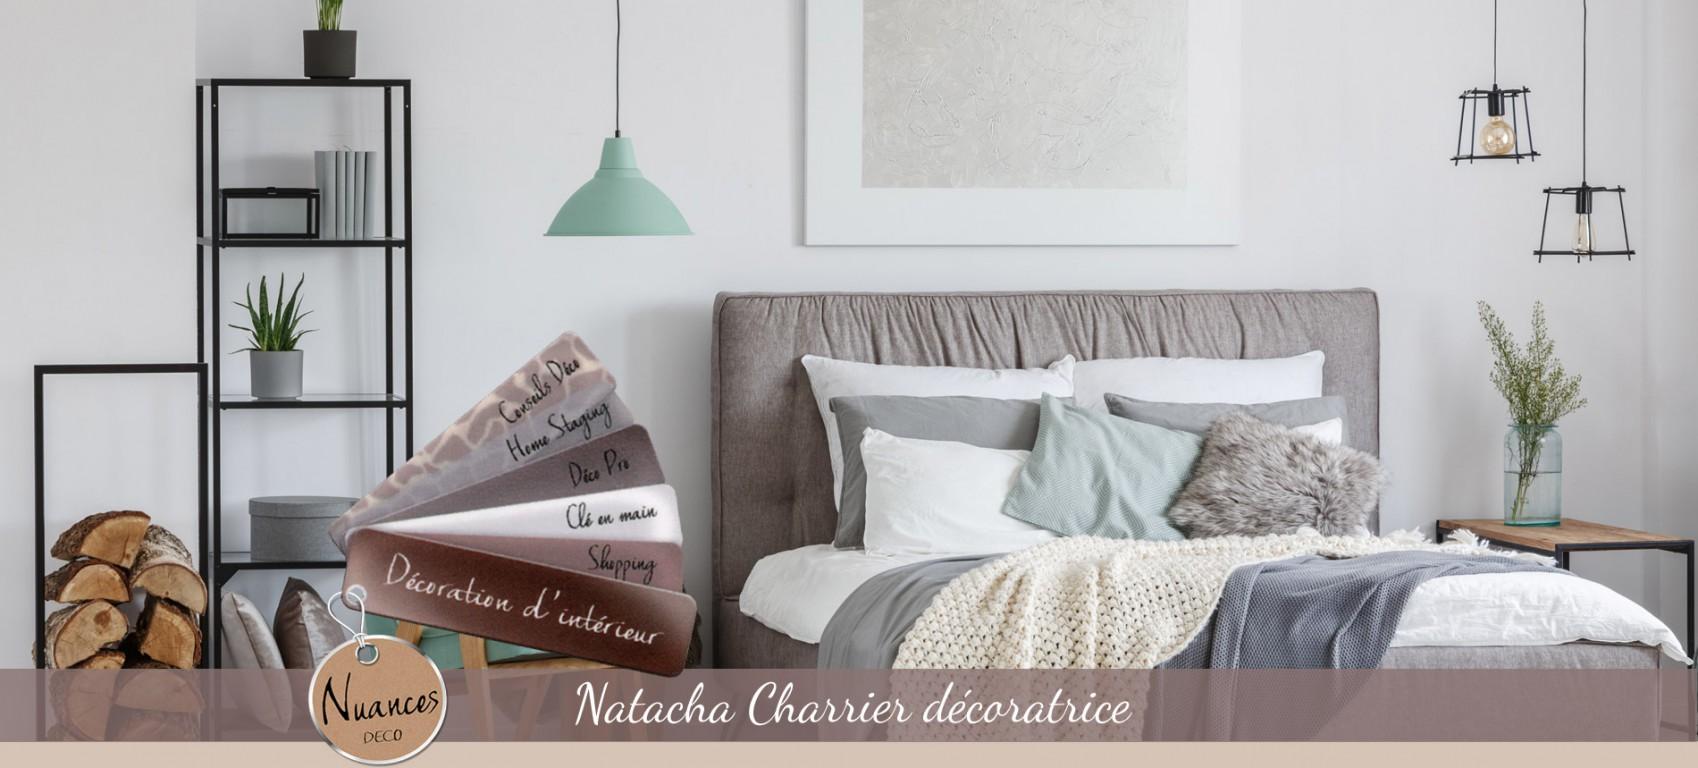 d coratrice d 39 int rieur meaux natacha charrier. Black Bedroom Furniture Sets. Home Design Ideas